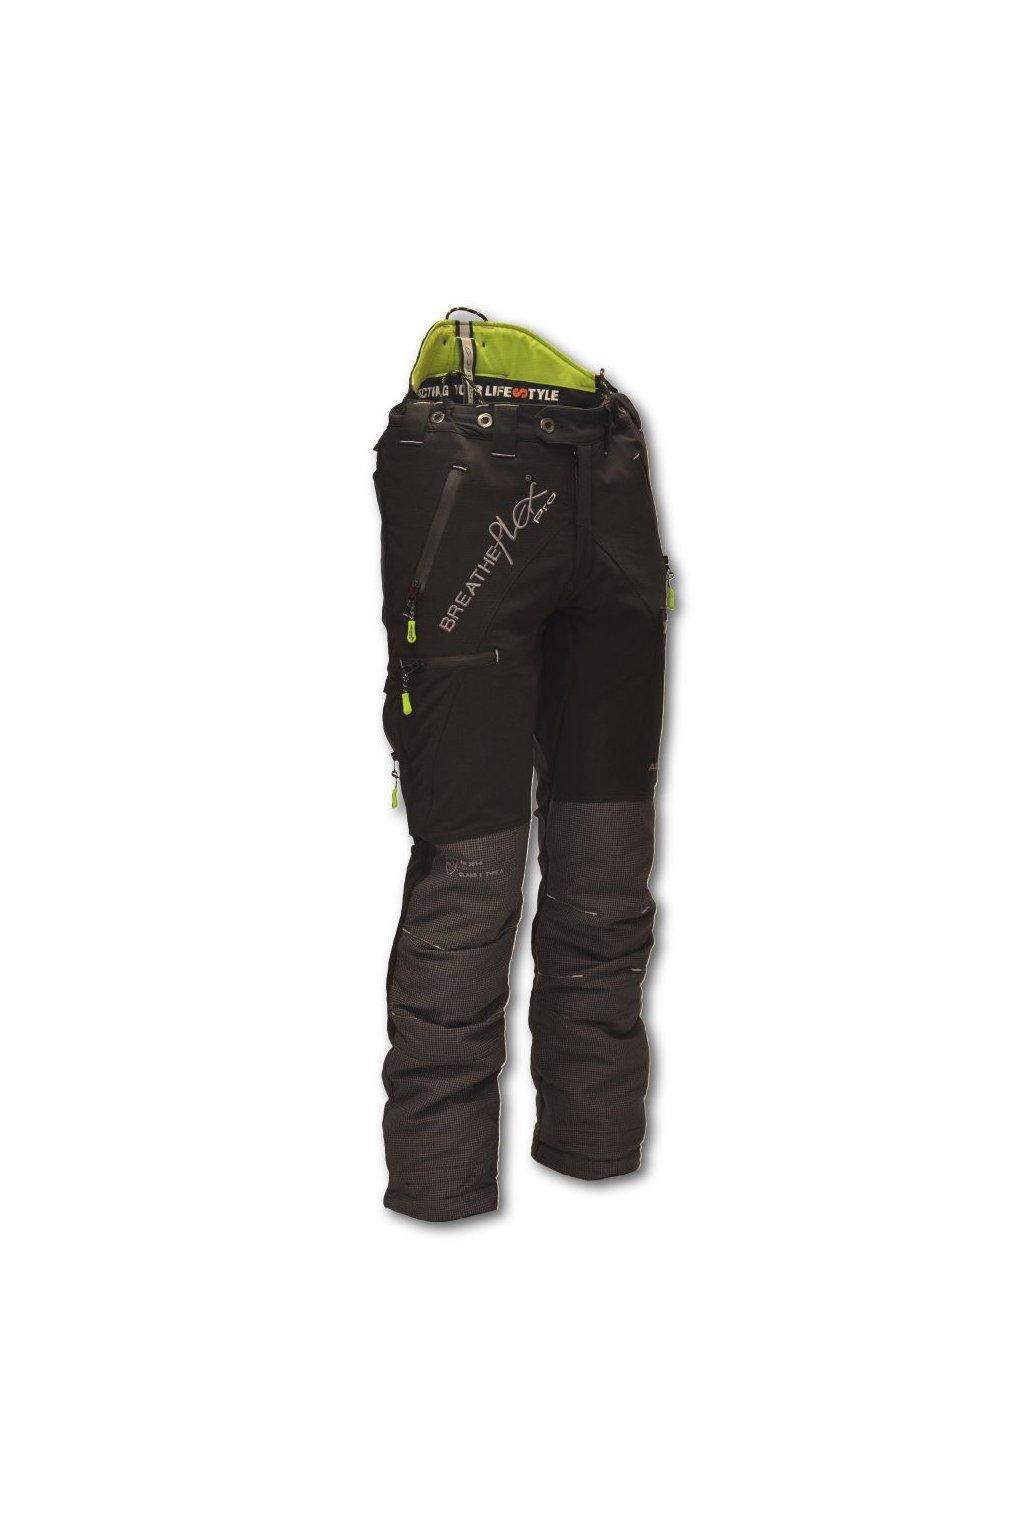 Protipořezové kalhoty Breatheflex Pro černé Class1/TypeA Reg